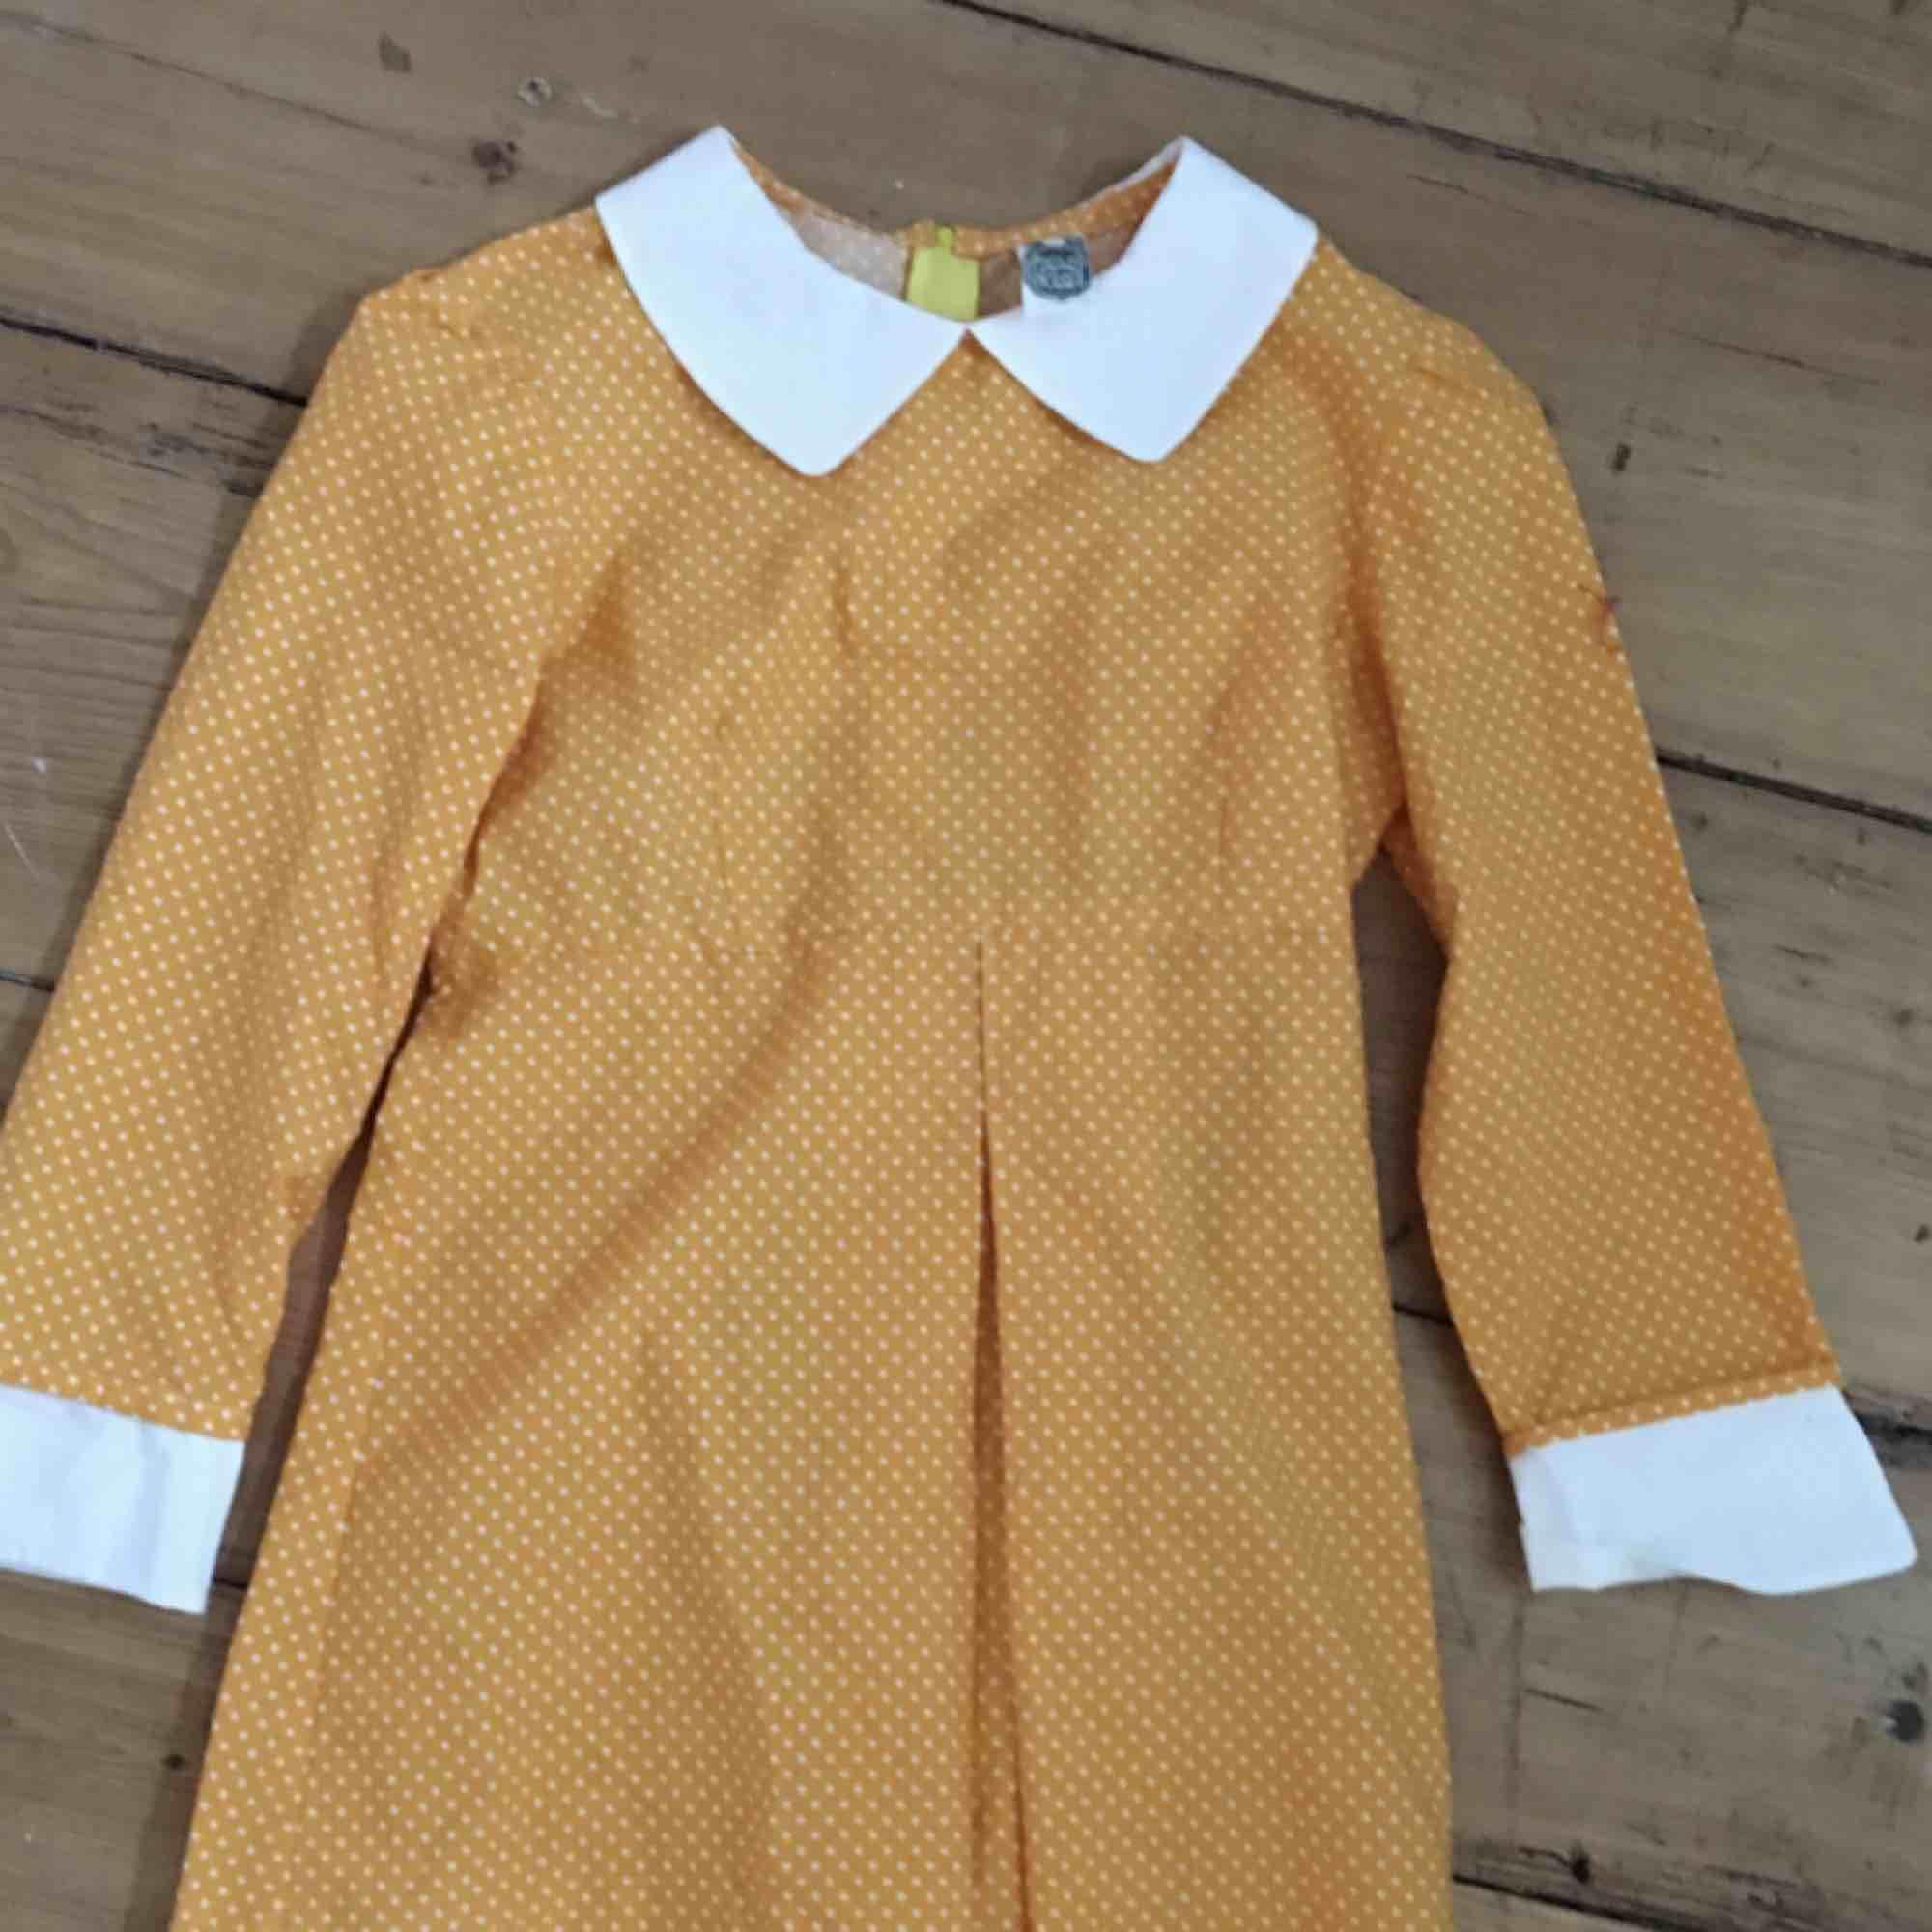 Suzy Bishop klänning från etsy Peter pan-krage Oanvänd A-linje. Klänningar.